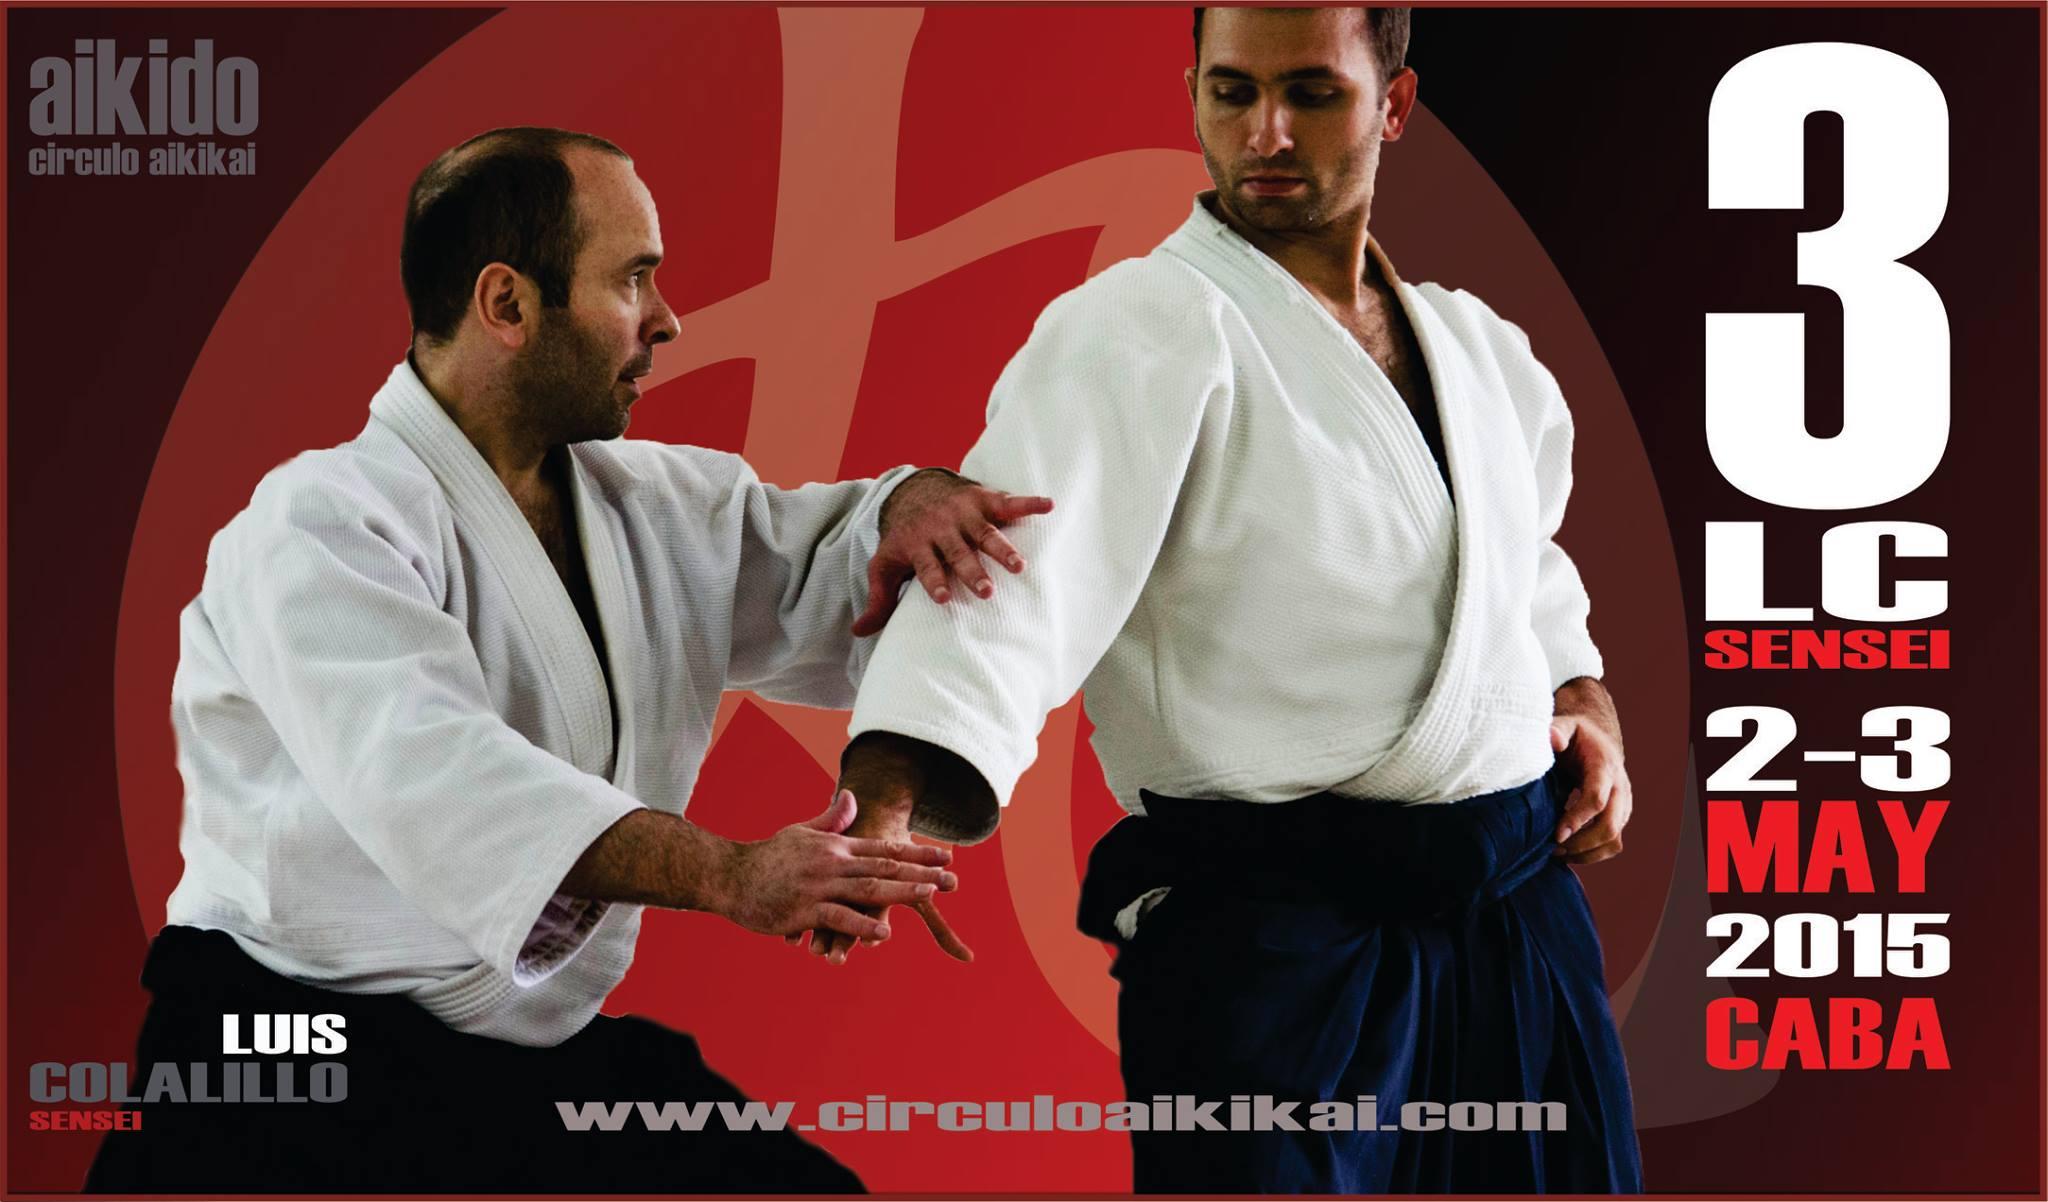 Seminario de Aikido - Luis Colalillo - Bue/Arg 3 @ Club Italiano | Buenos Aires | Ciudad Autónoma de Buenos Aires | Argentina